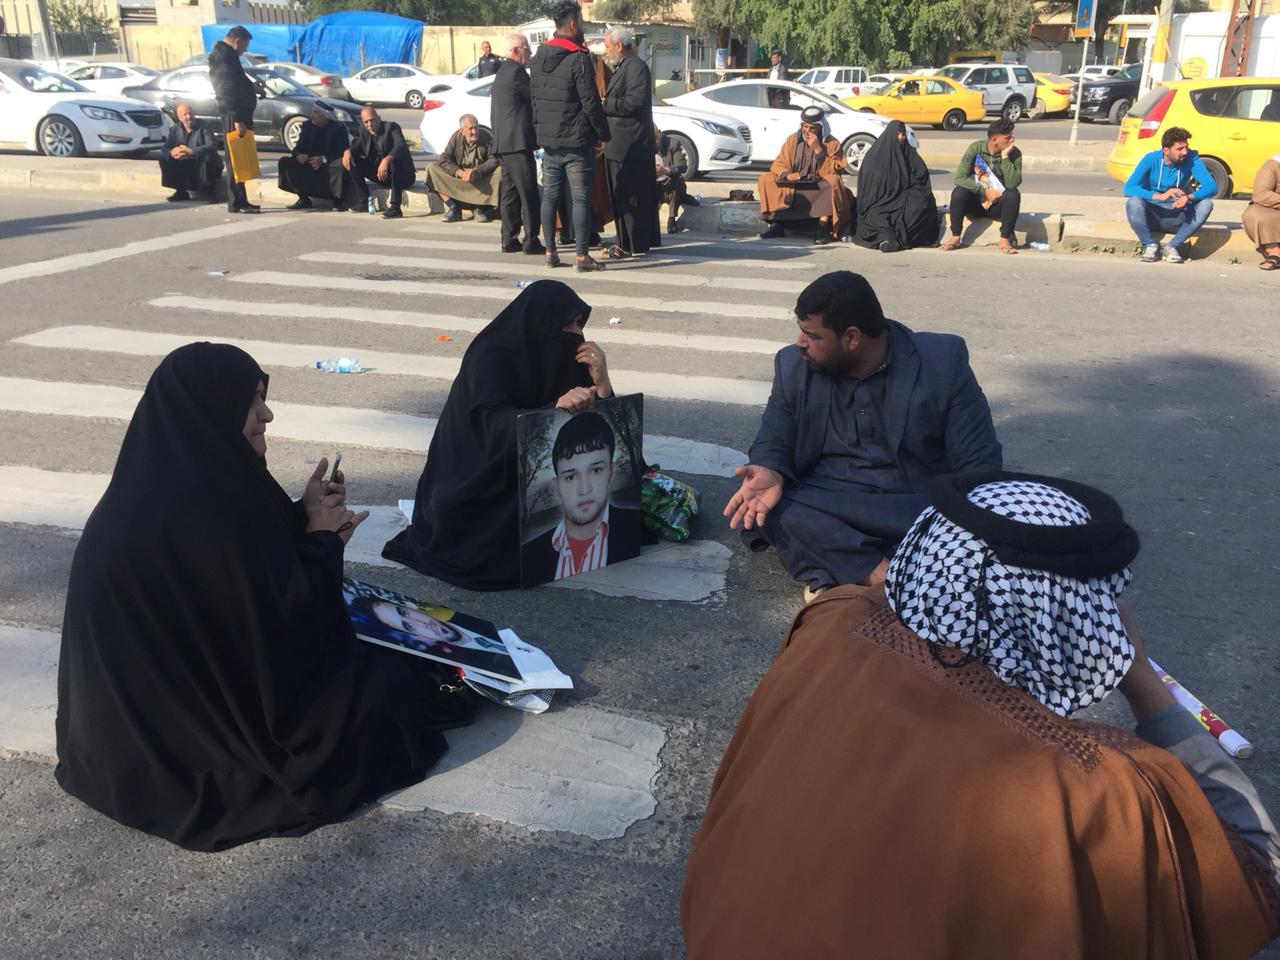 بالصور  ..  العشرات من ذوي شهداء سبايكر يقطعون شارع كرادة مريم المقابل لمبنى البرلمان لعدم تسليم جثث ابنائهم